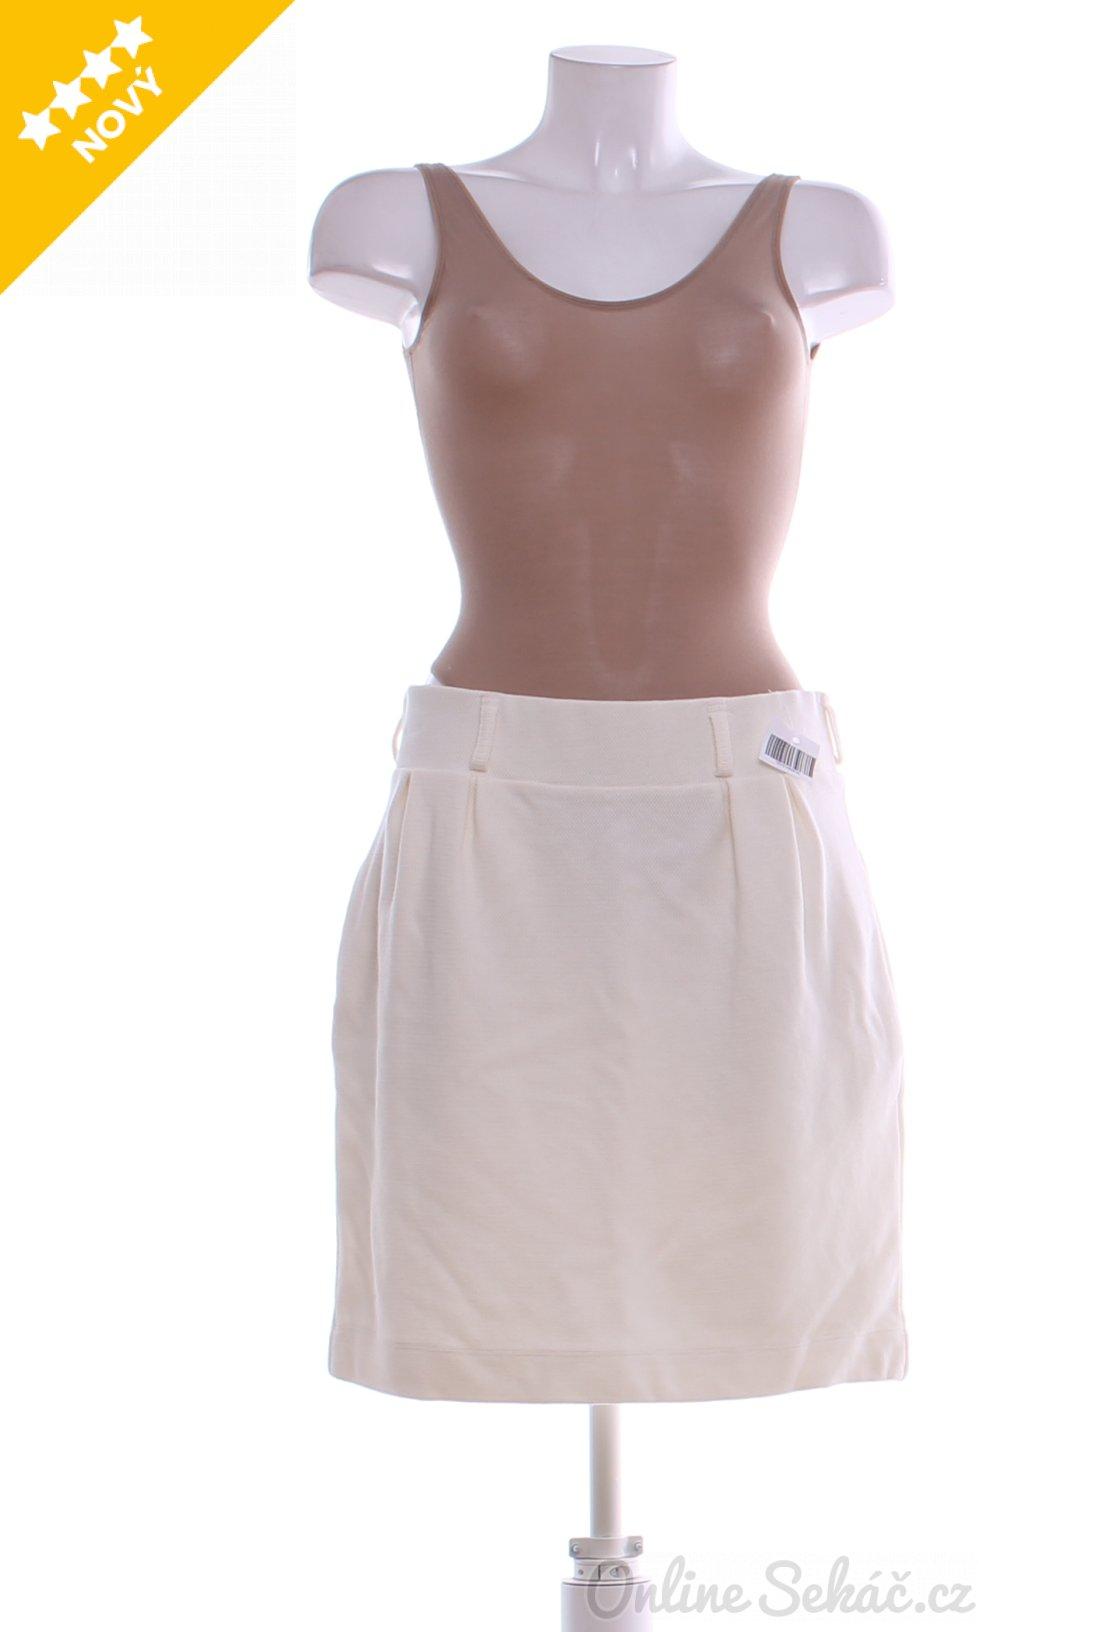 b6b3e2ed635 Dámská sukně ke kolenům MNG nový L